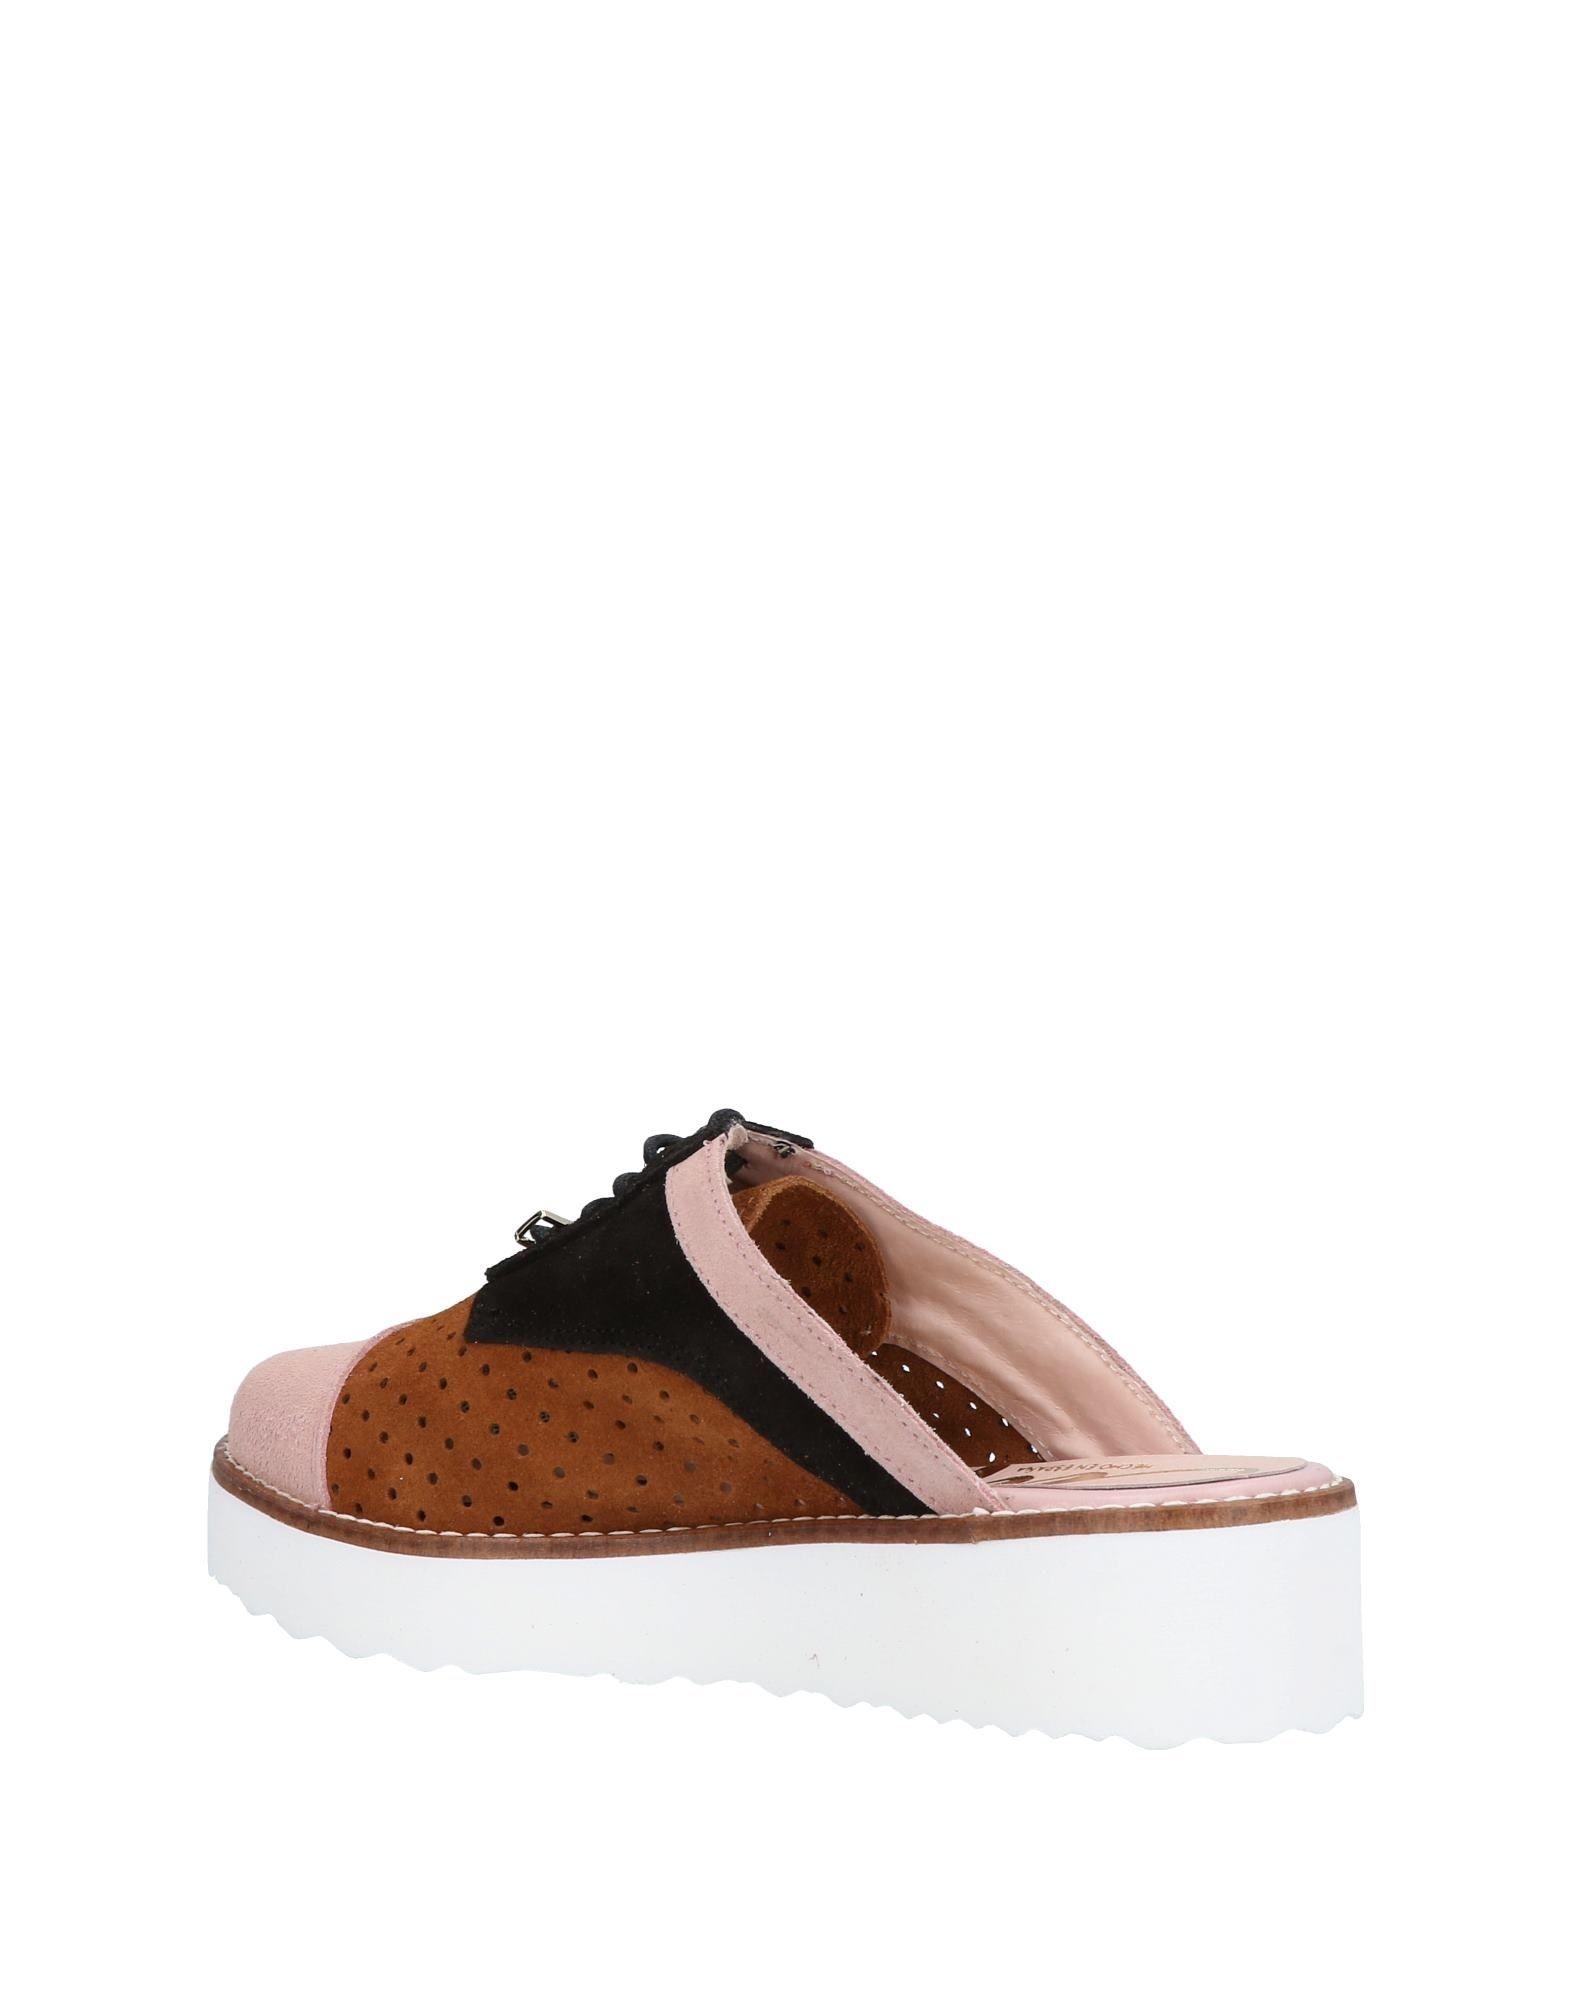 Cuplé Pantoletten Damen  Schuhe 11448997OU Gute Qualität beliebte Schuhe  3b05d6